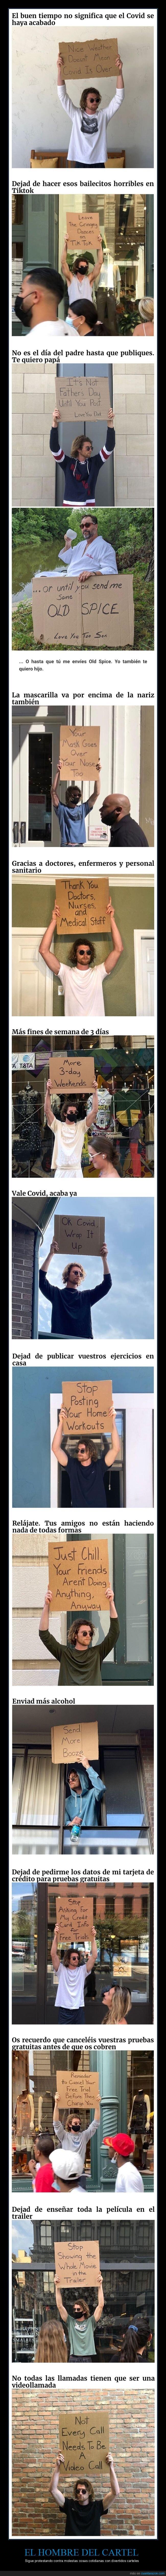 carteles,cosas cotidianas,protestas